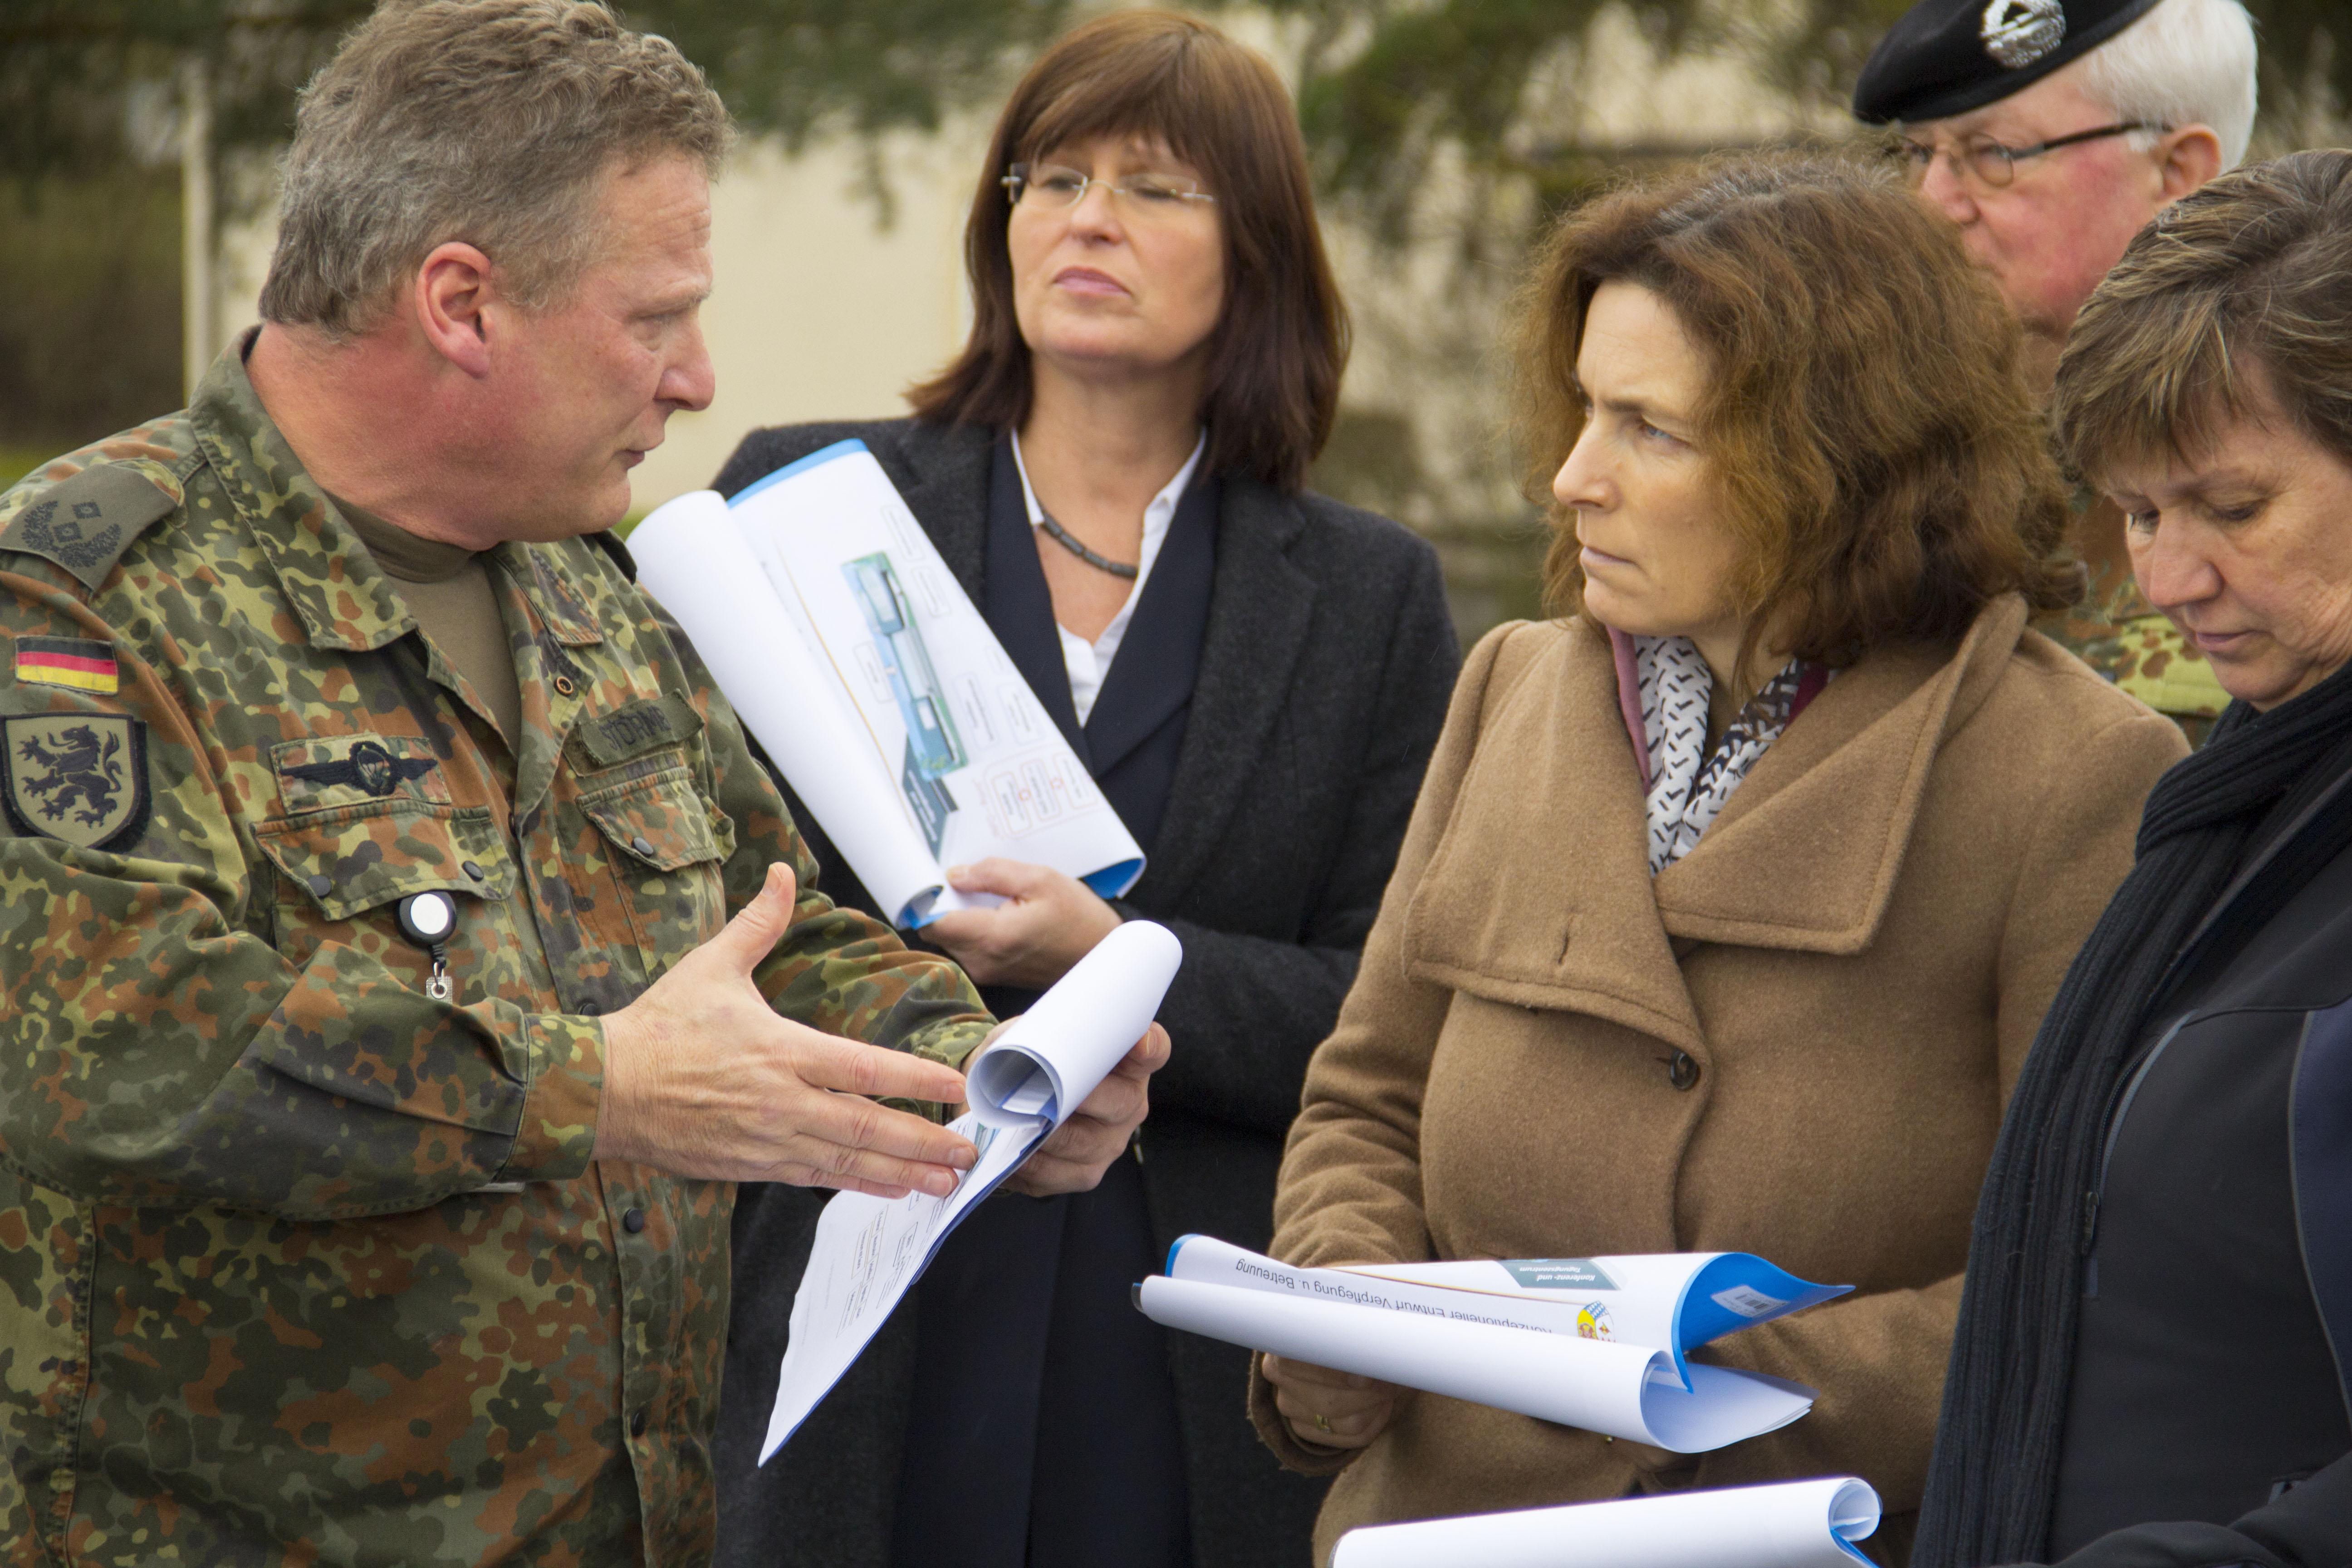 MdL Kerstin Celina im Gespräch mit Divisionskommandeur Generalmajor Bernd Schütt, stellvertretenden Landrätin Karen Heußner und Bezirksrätin Bärbel Imhof.